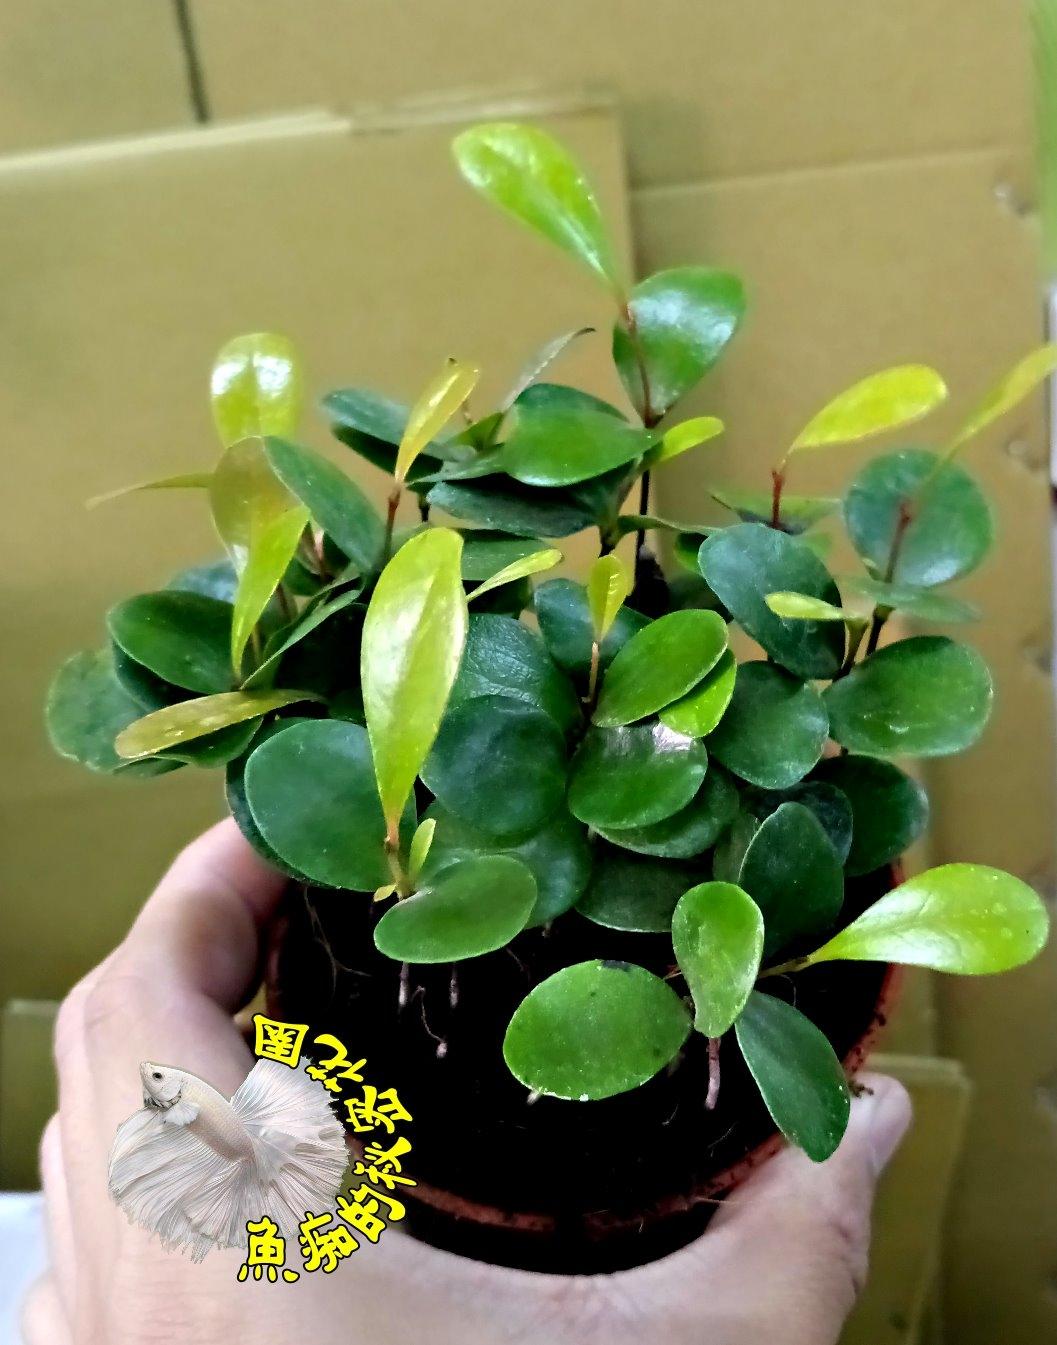 咖啡樹咖啡苗室內植物3吋活體盆栽送禮小品盆栽半日照環境佳